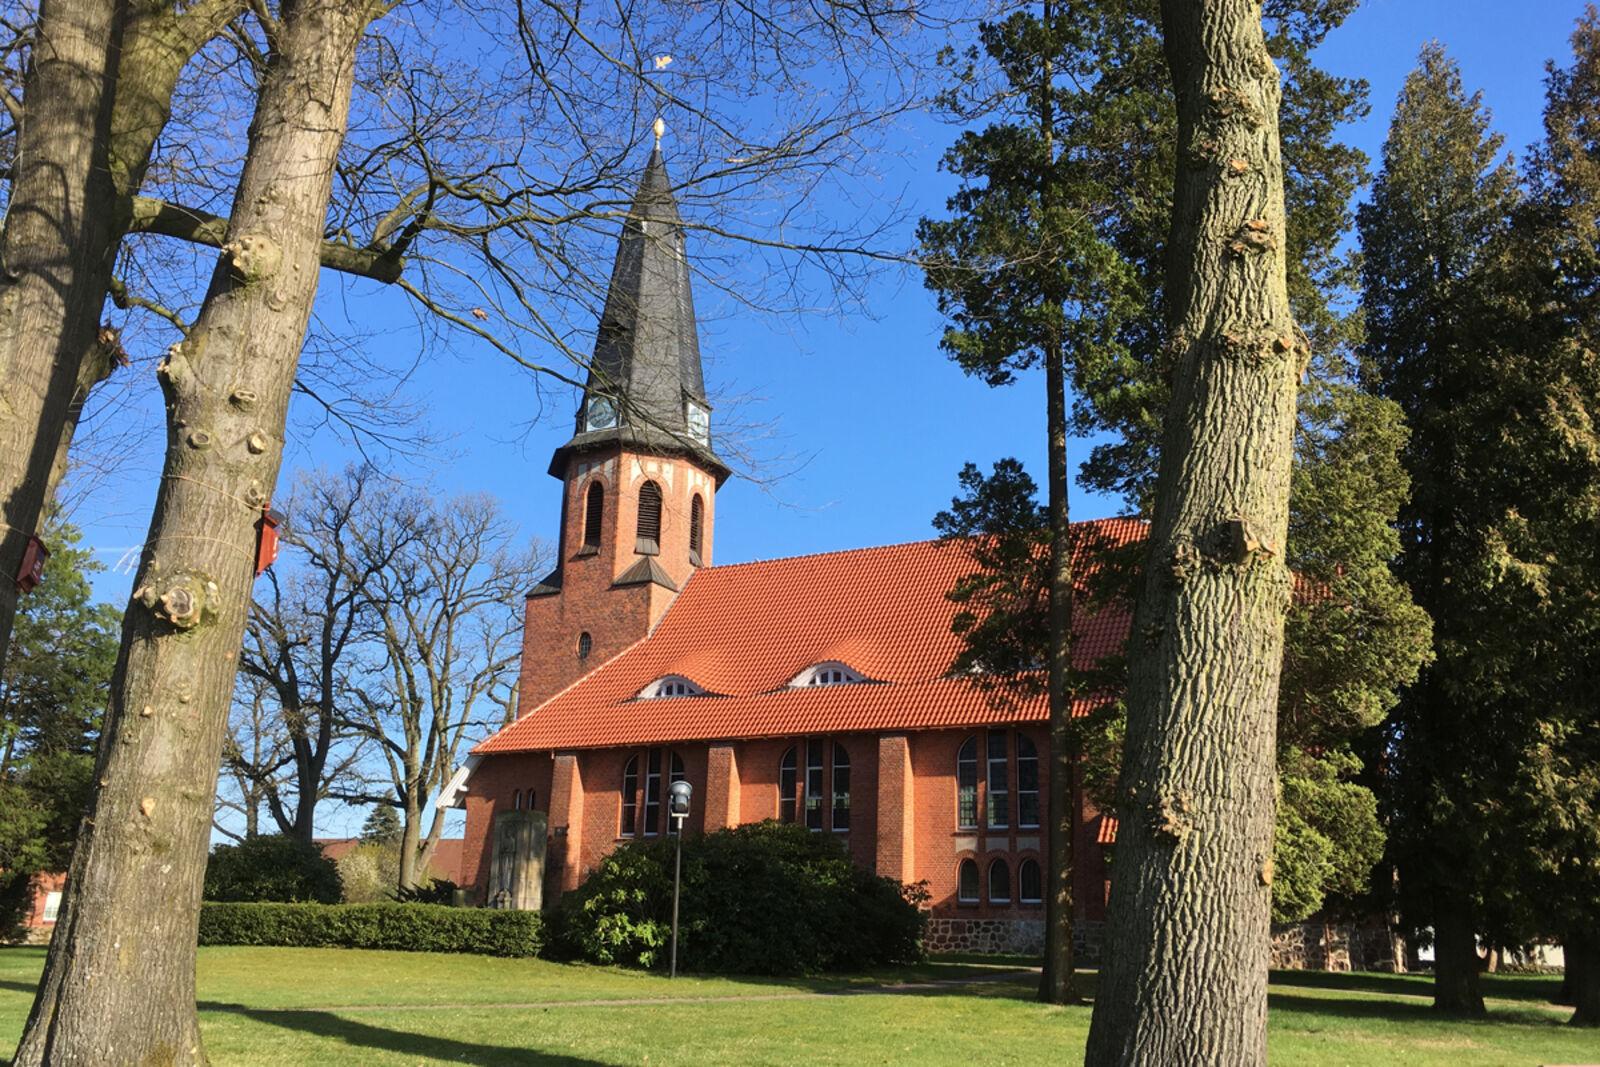 Kirche im Sonnenlicht